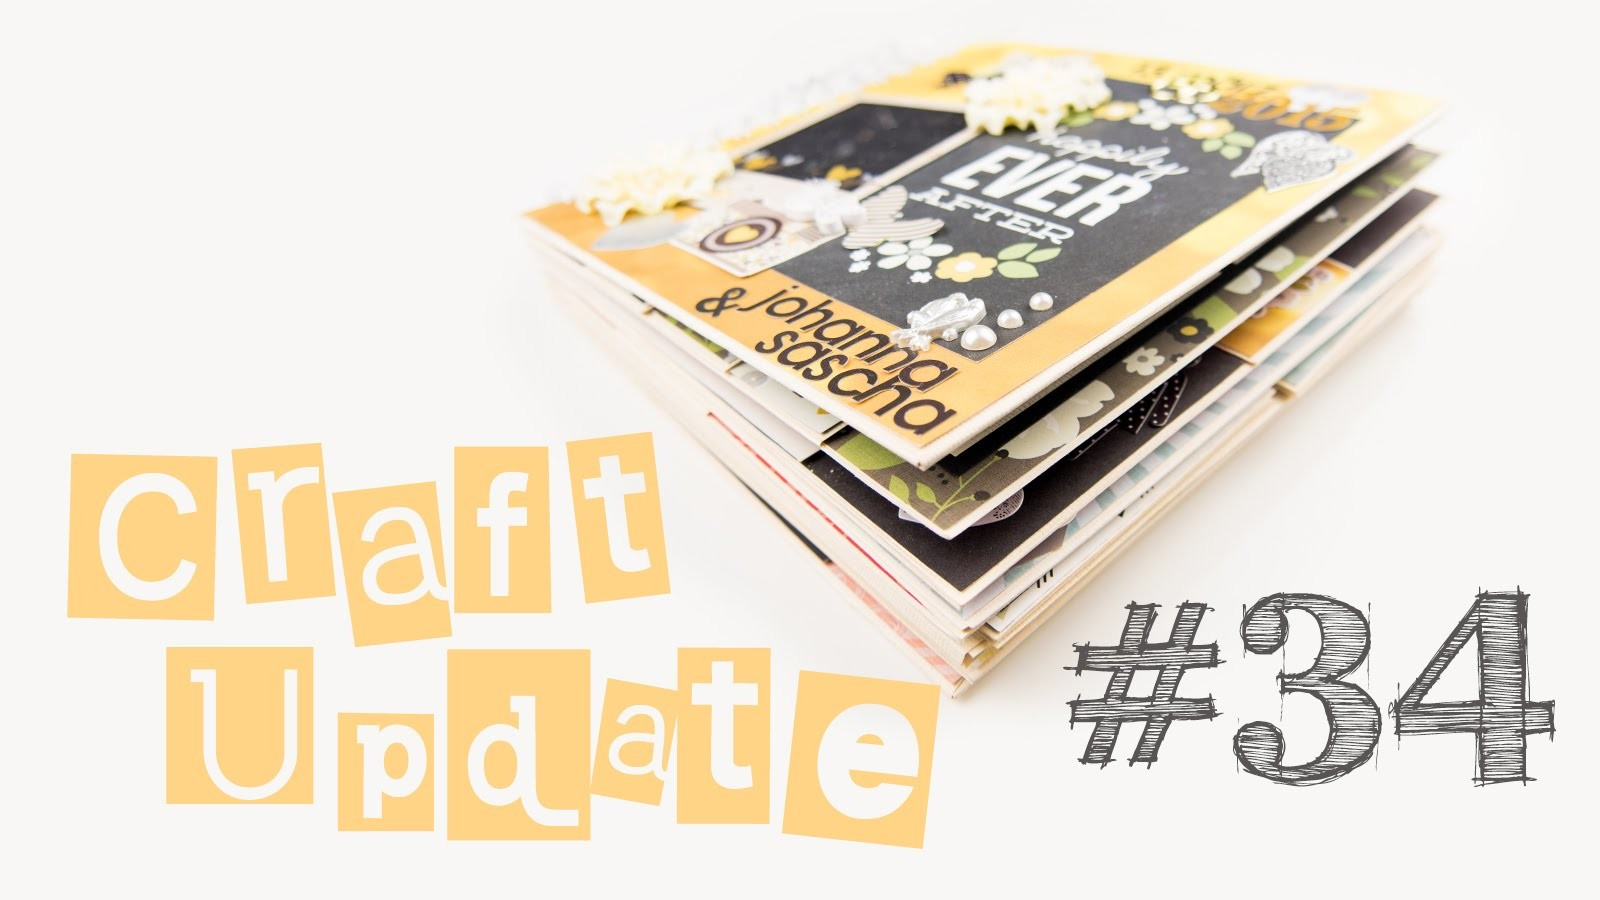 [Craft Update #34] Fotoalbum zur Hochzeit | DIY Inspiration Geschenk Ideen